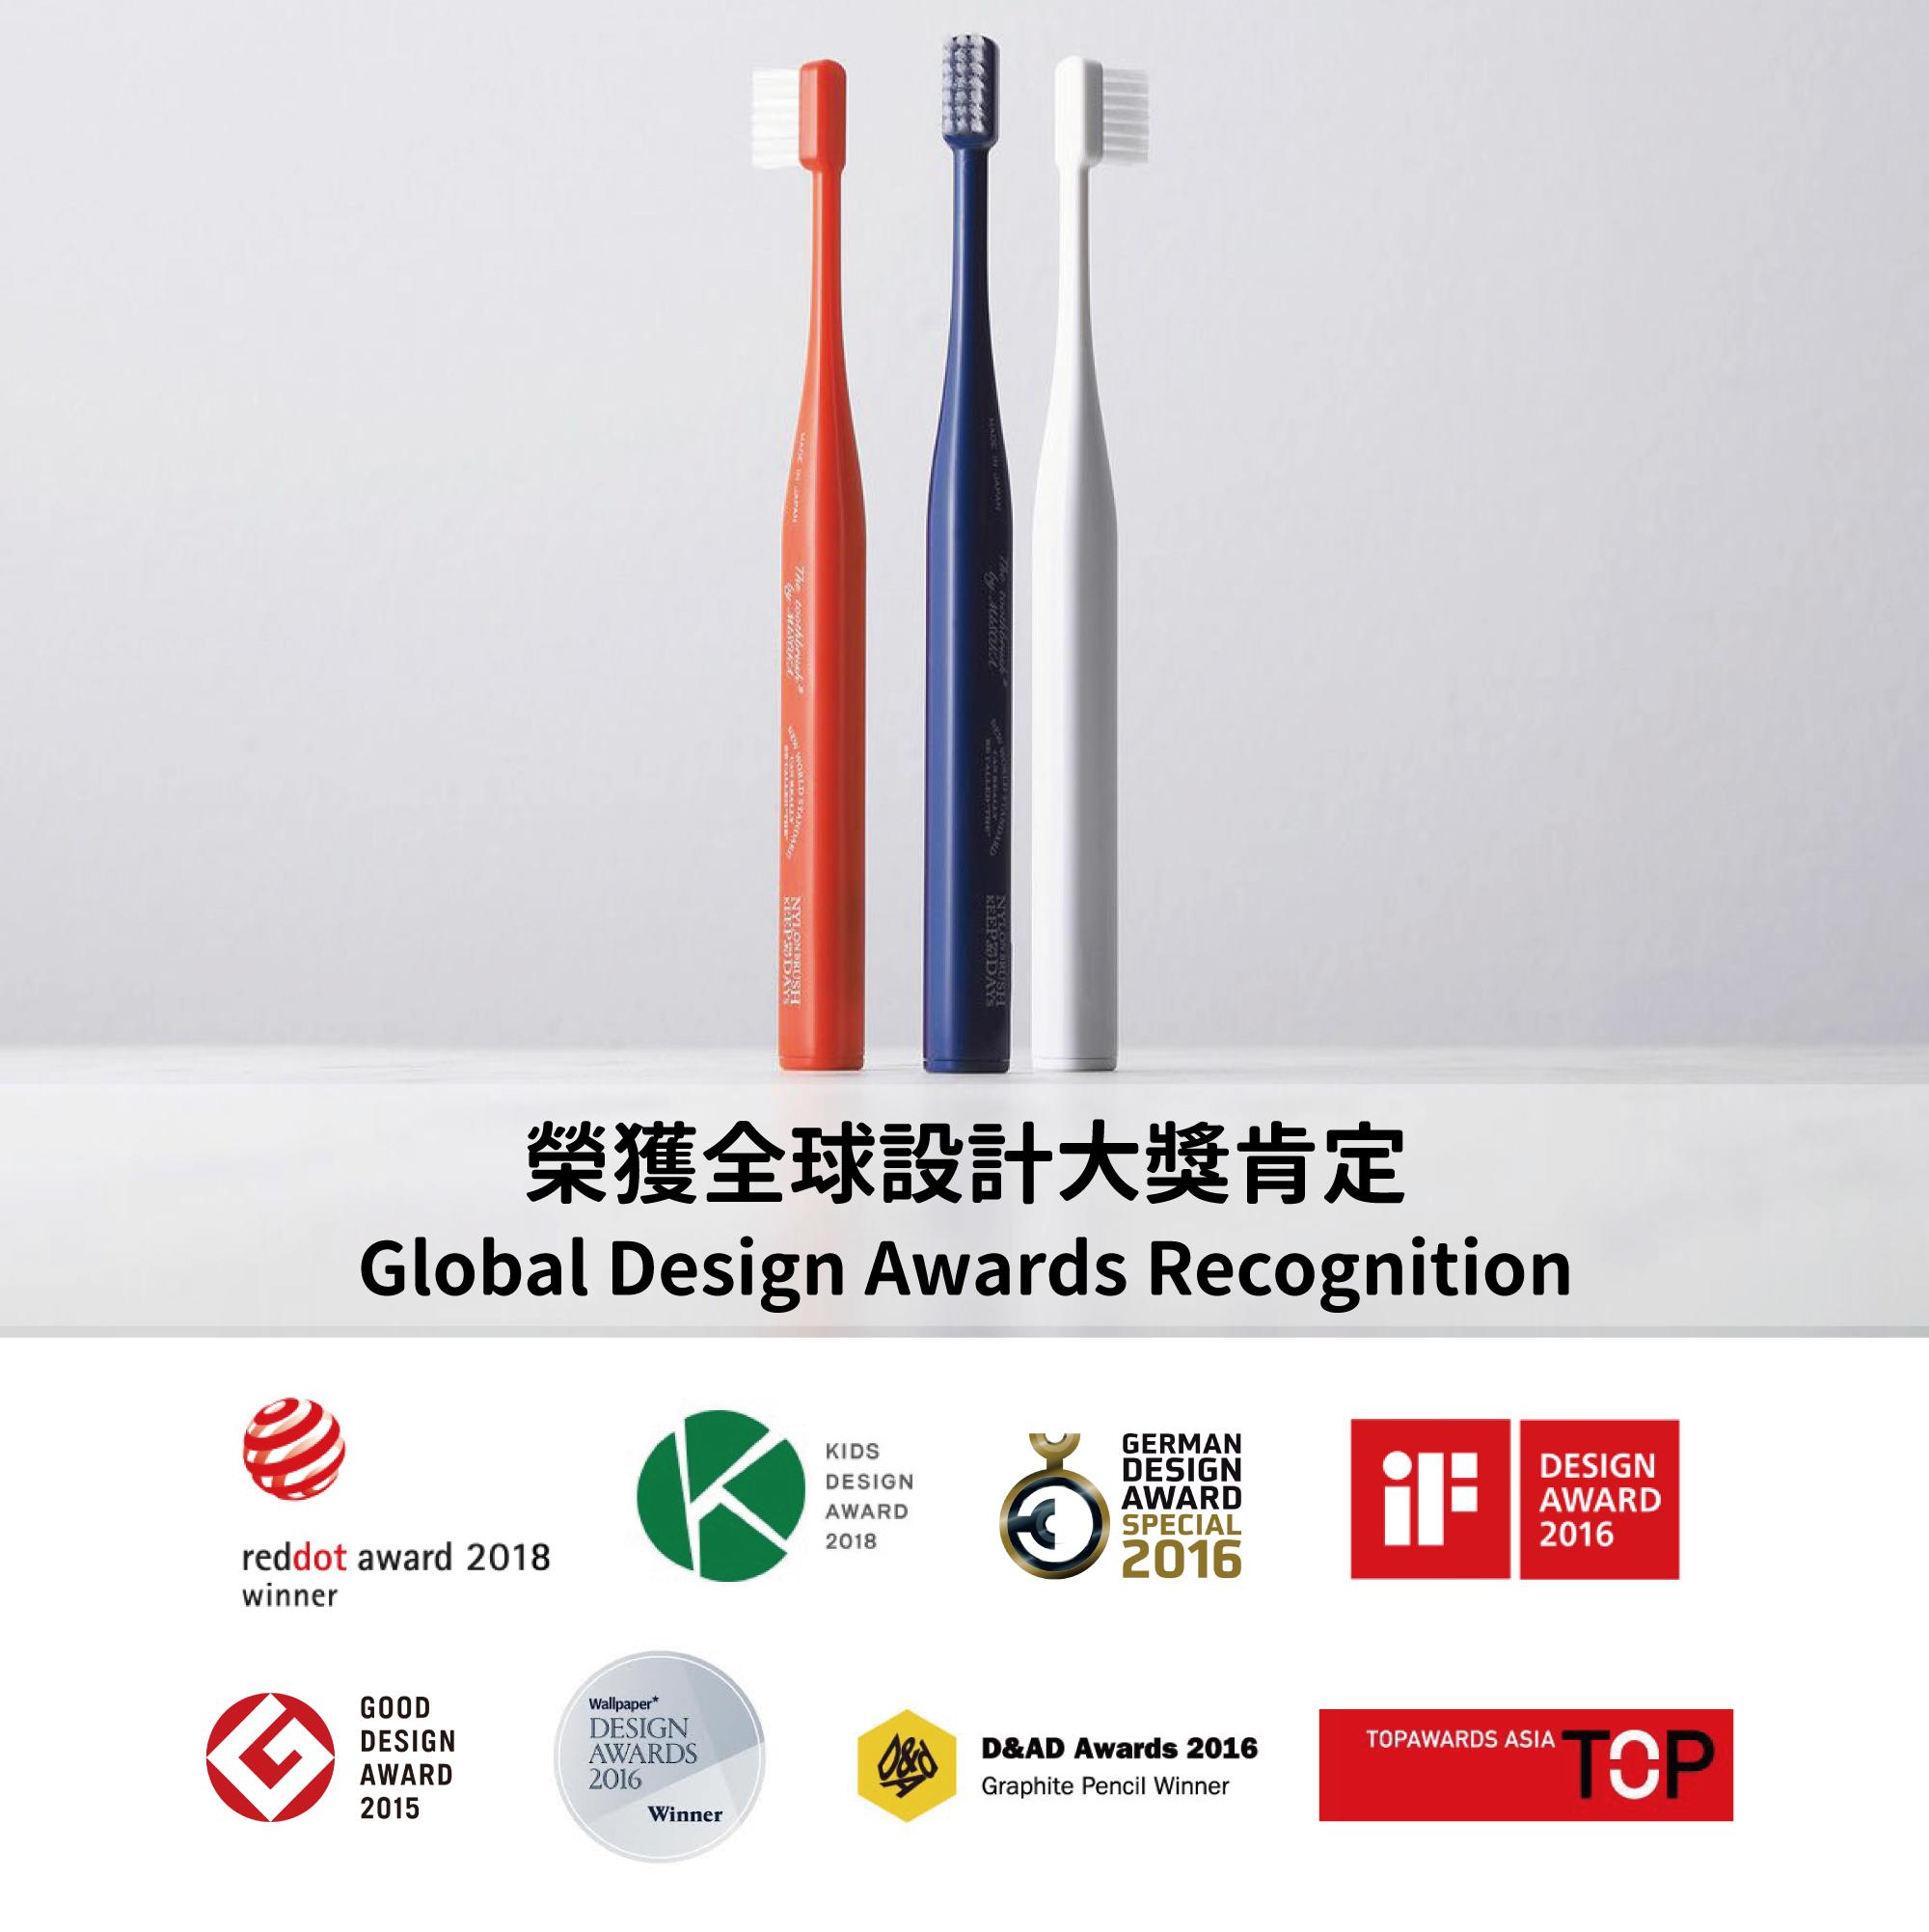 榮獲全球設計大獎肯定 IF設計大獎 紅點設計大獎